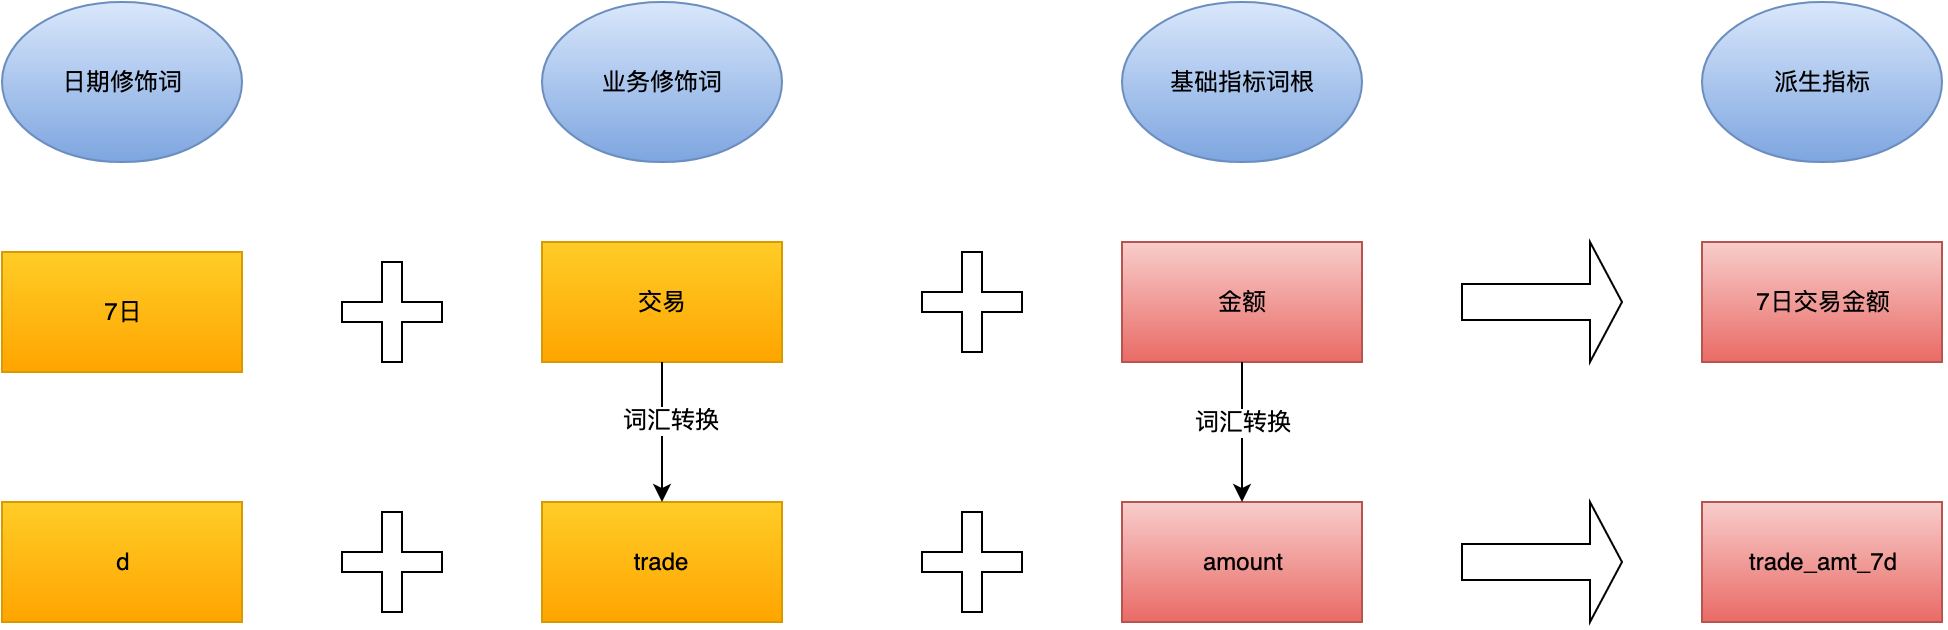 图8 日期类型指标规范